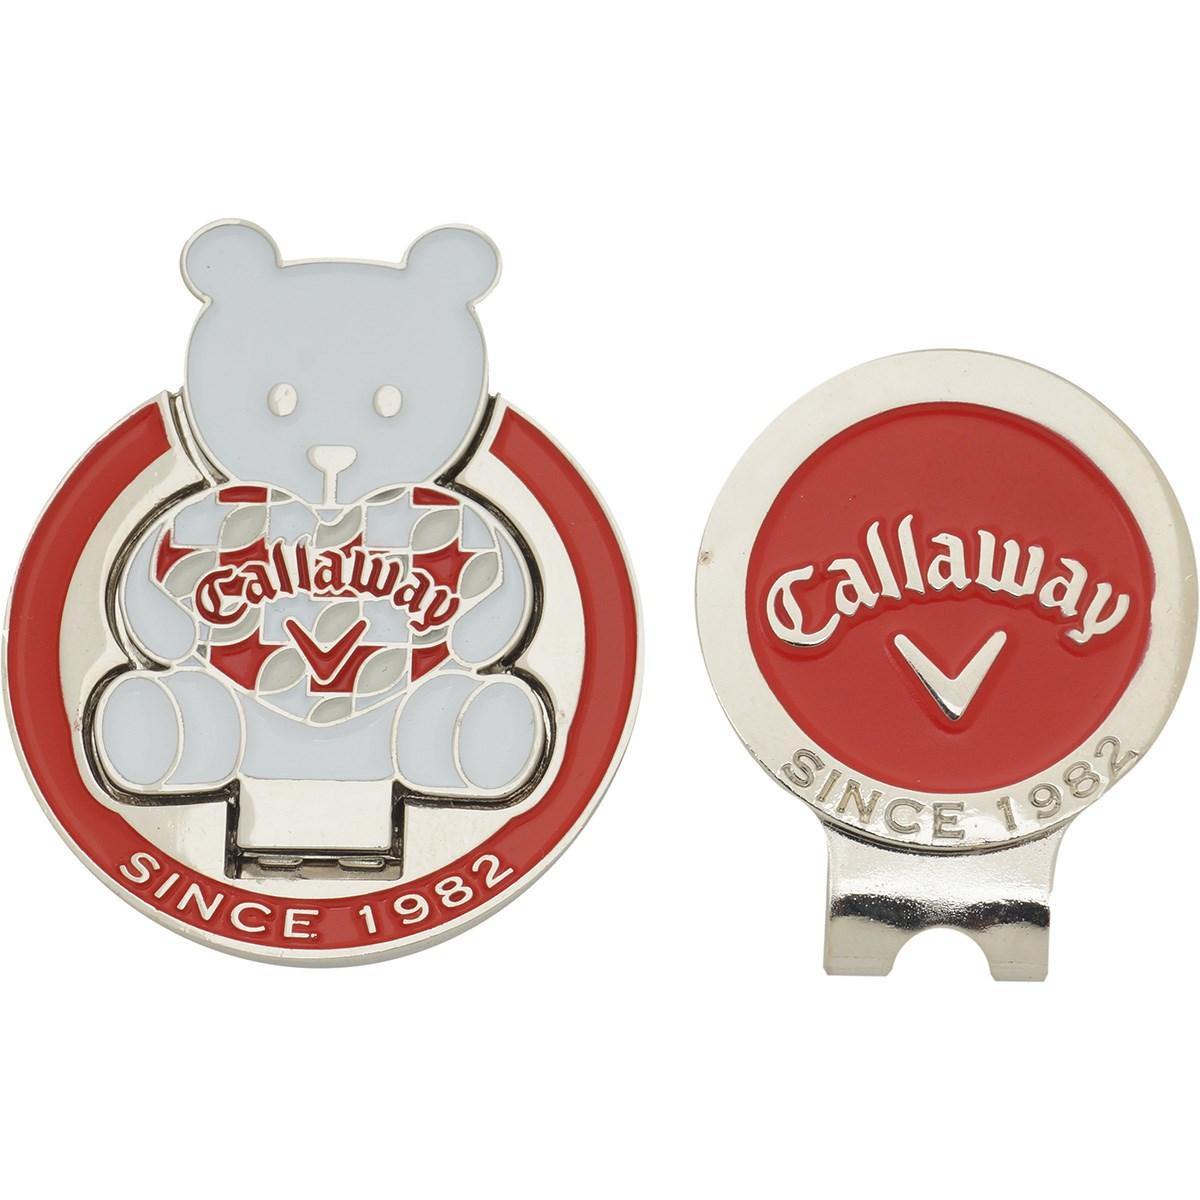 キャロウェイゴルフ(Callaway Golf) ベアマーカー